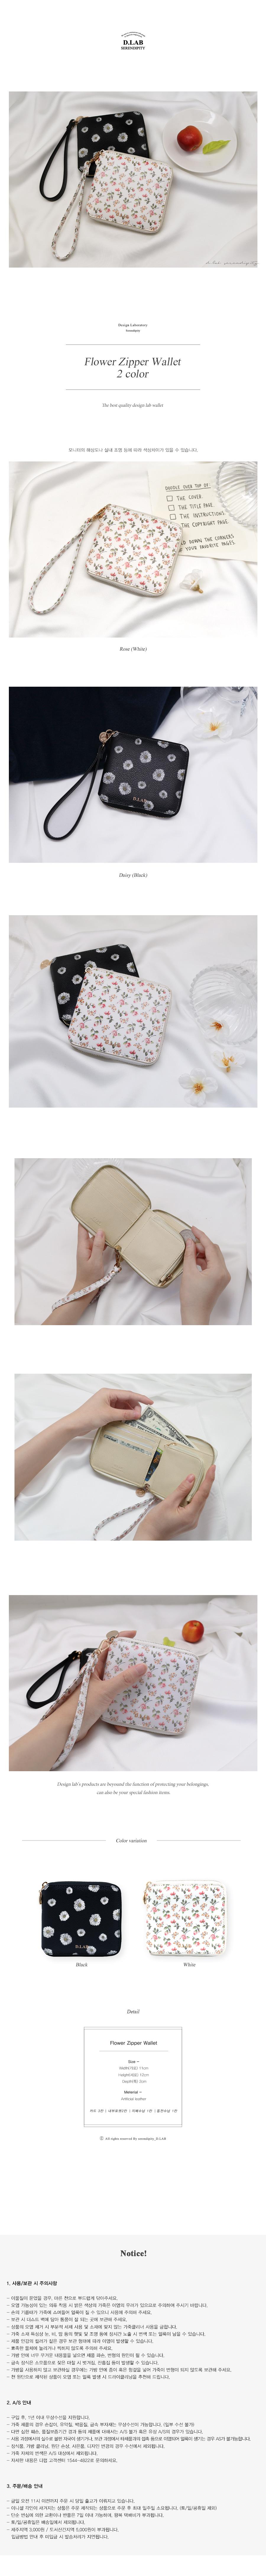 [스트랩 증정] D.LAB Flower zipper wallet - Rose or Daisy35,000원-디랩패션잡화, 지갑, 여성지갑, 반지갑바보사랑[스트랩 증정] D.LAB Flower zipper wallet - Rose or Daisy35,000원-디랩패션잡화, 지갑, 여성지갑, 반지갑바보사랑